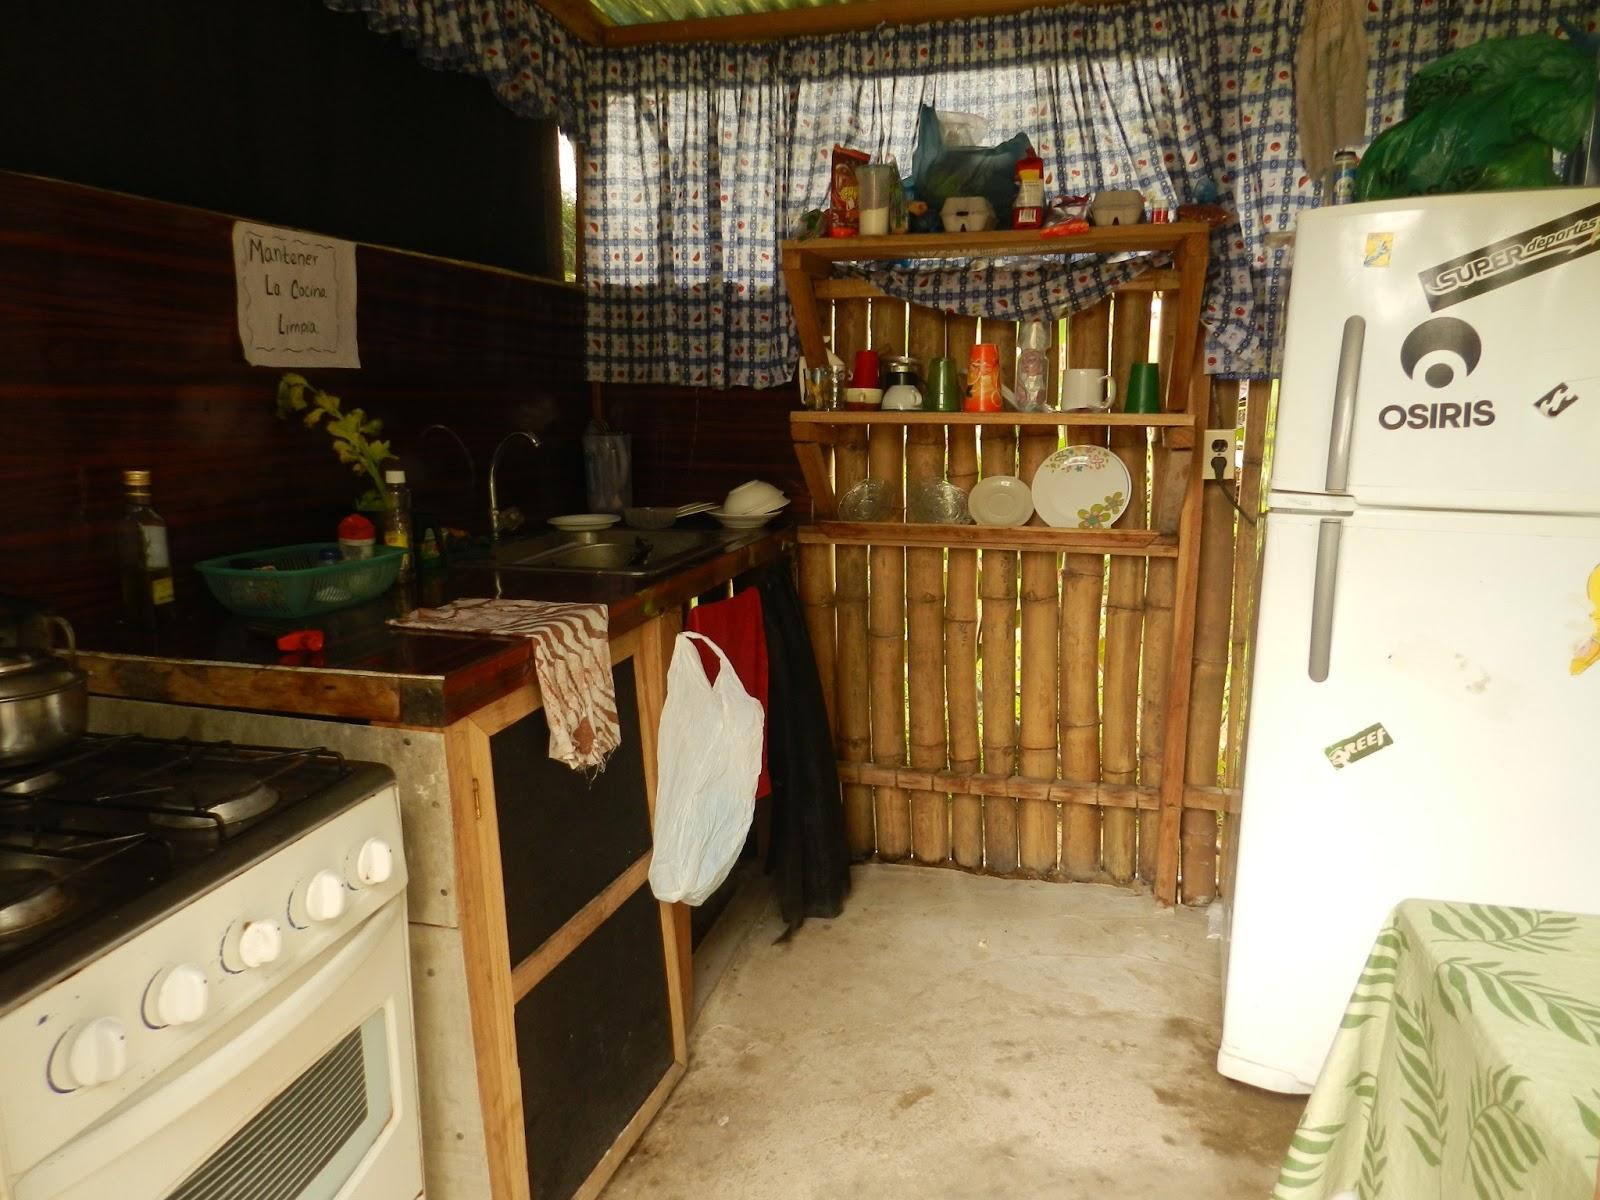 La cocina del camping está siempre limpia y es muy funcional. Tienes horno, batidora, nevera, congelador y todos los utensilios de cocina que puedas necesitar. Lo único que eché en falta fue un micro-ondas.